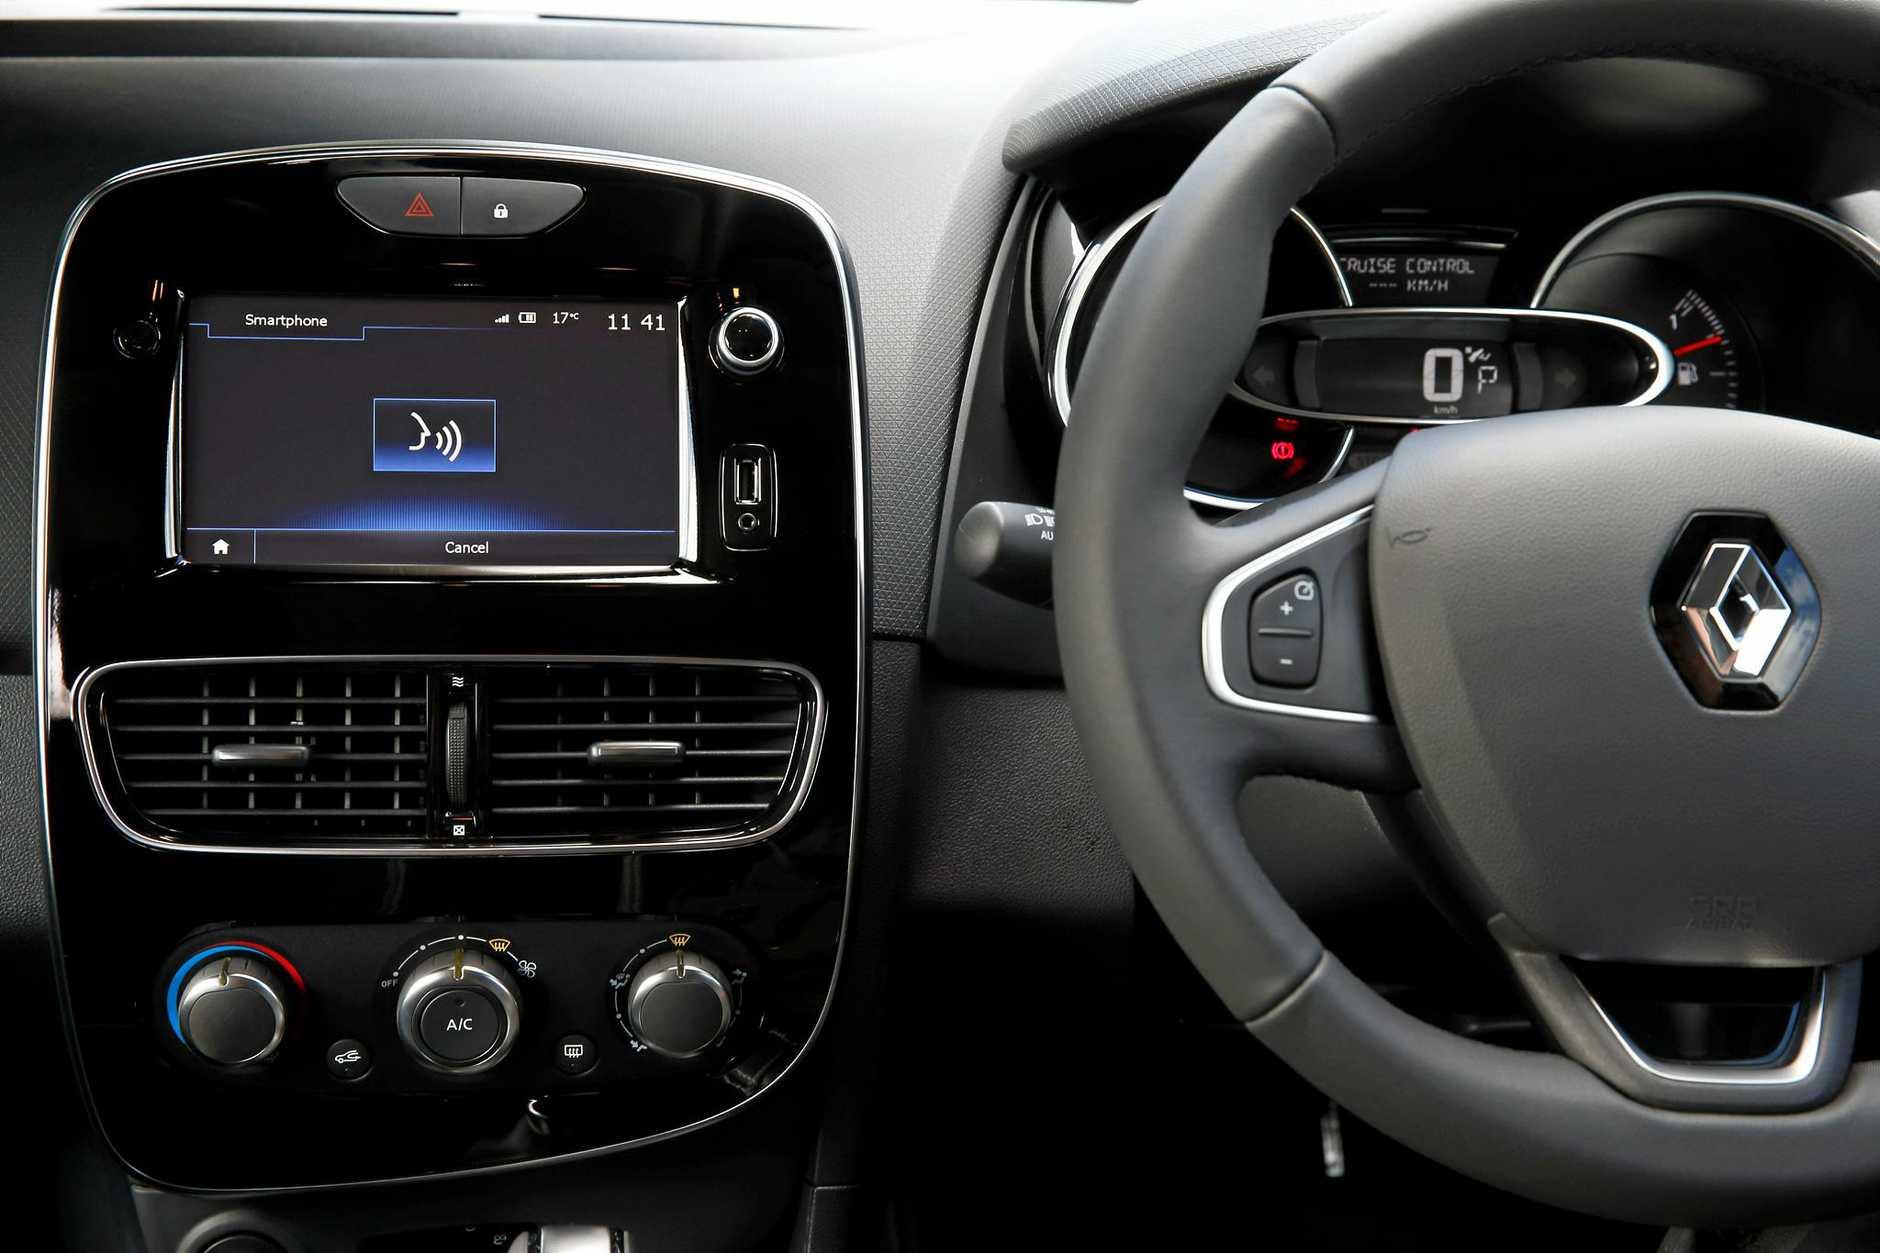 The 2017 Renault Clio in Zen specification.